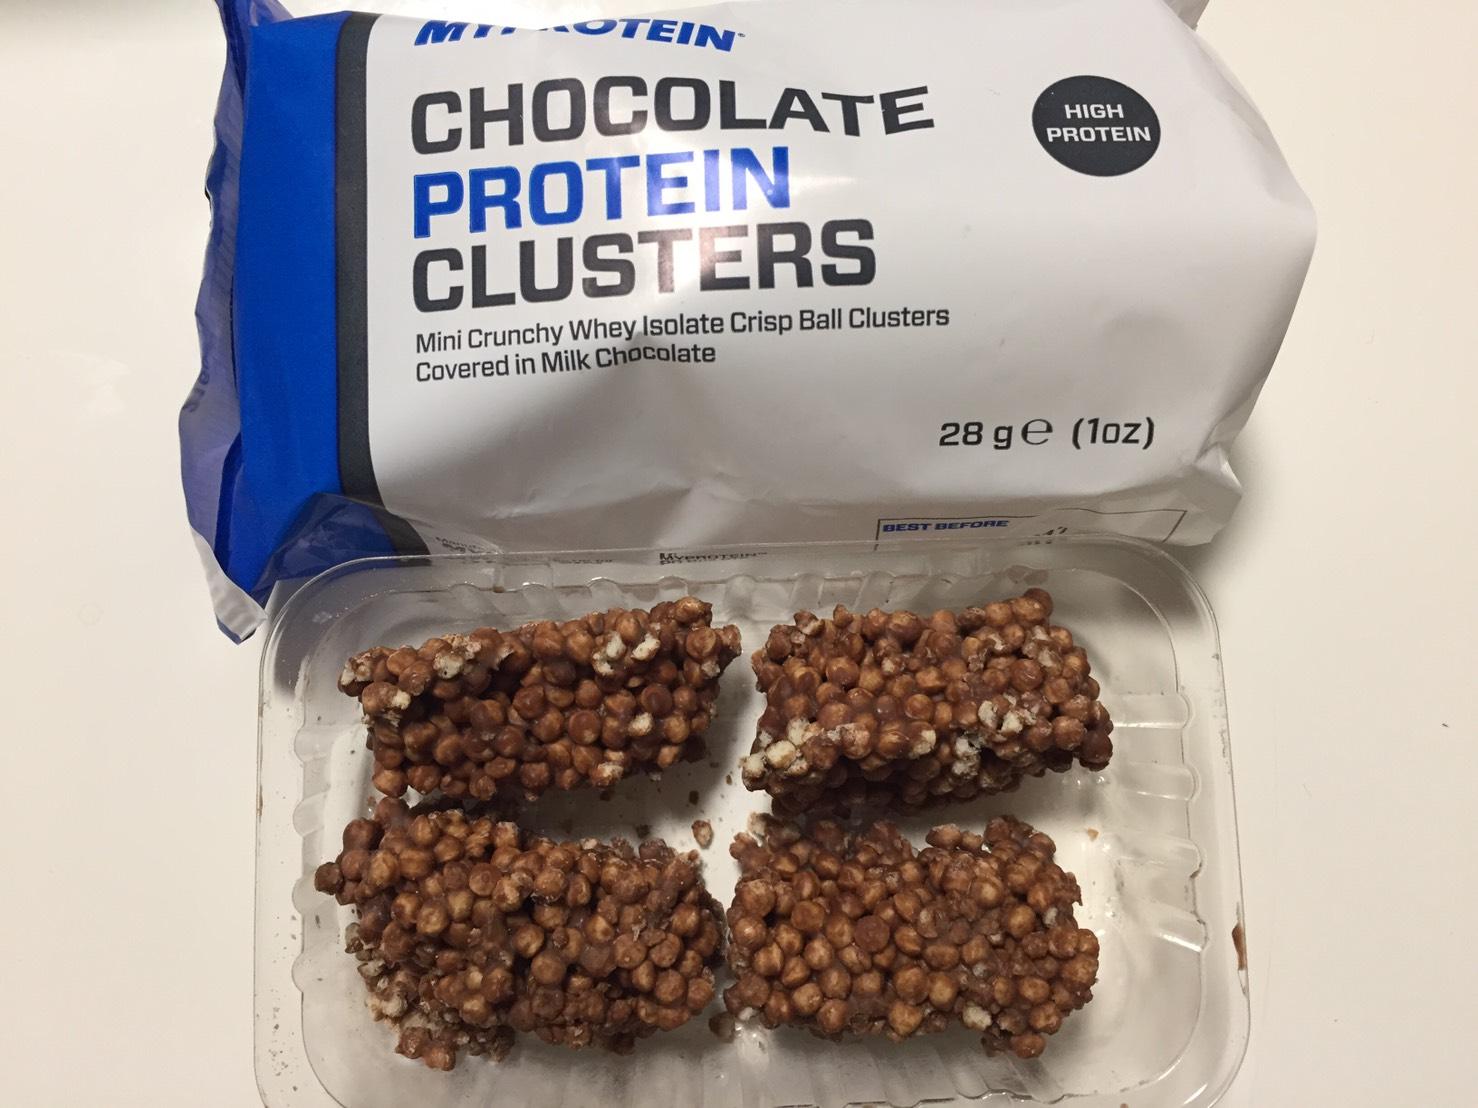 チョコレート プロテイン クラスターを開封した様子